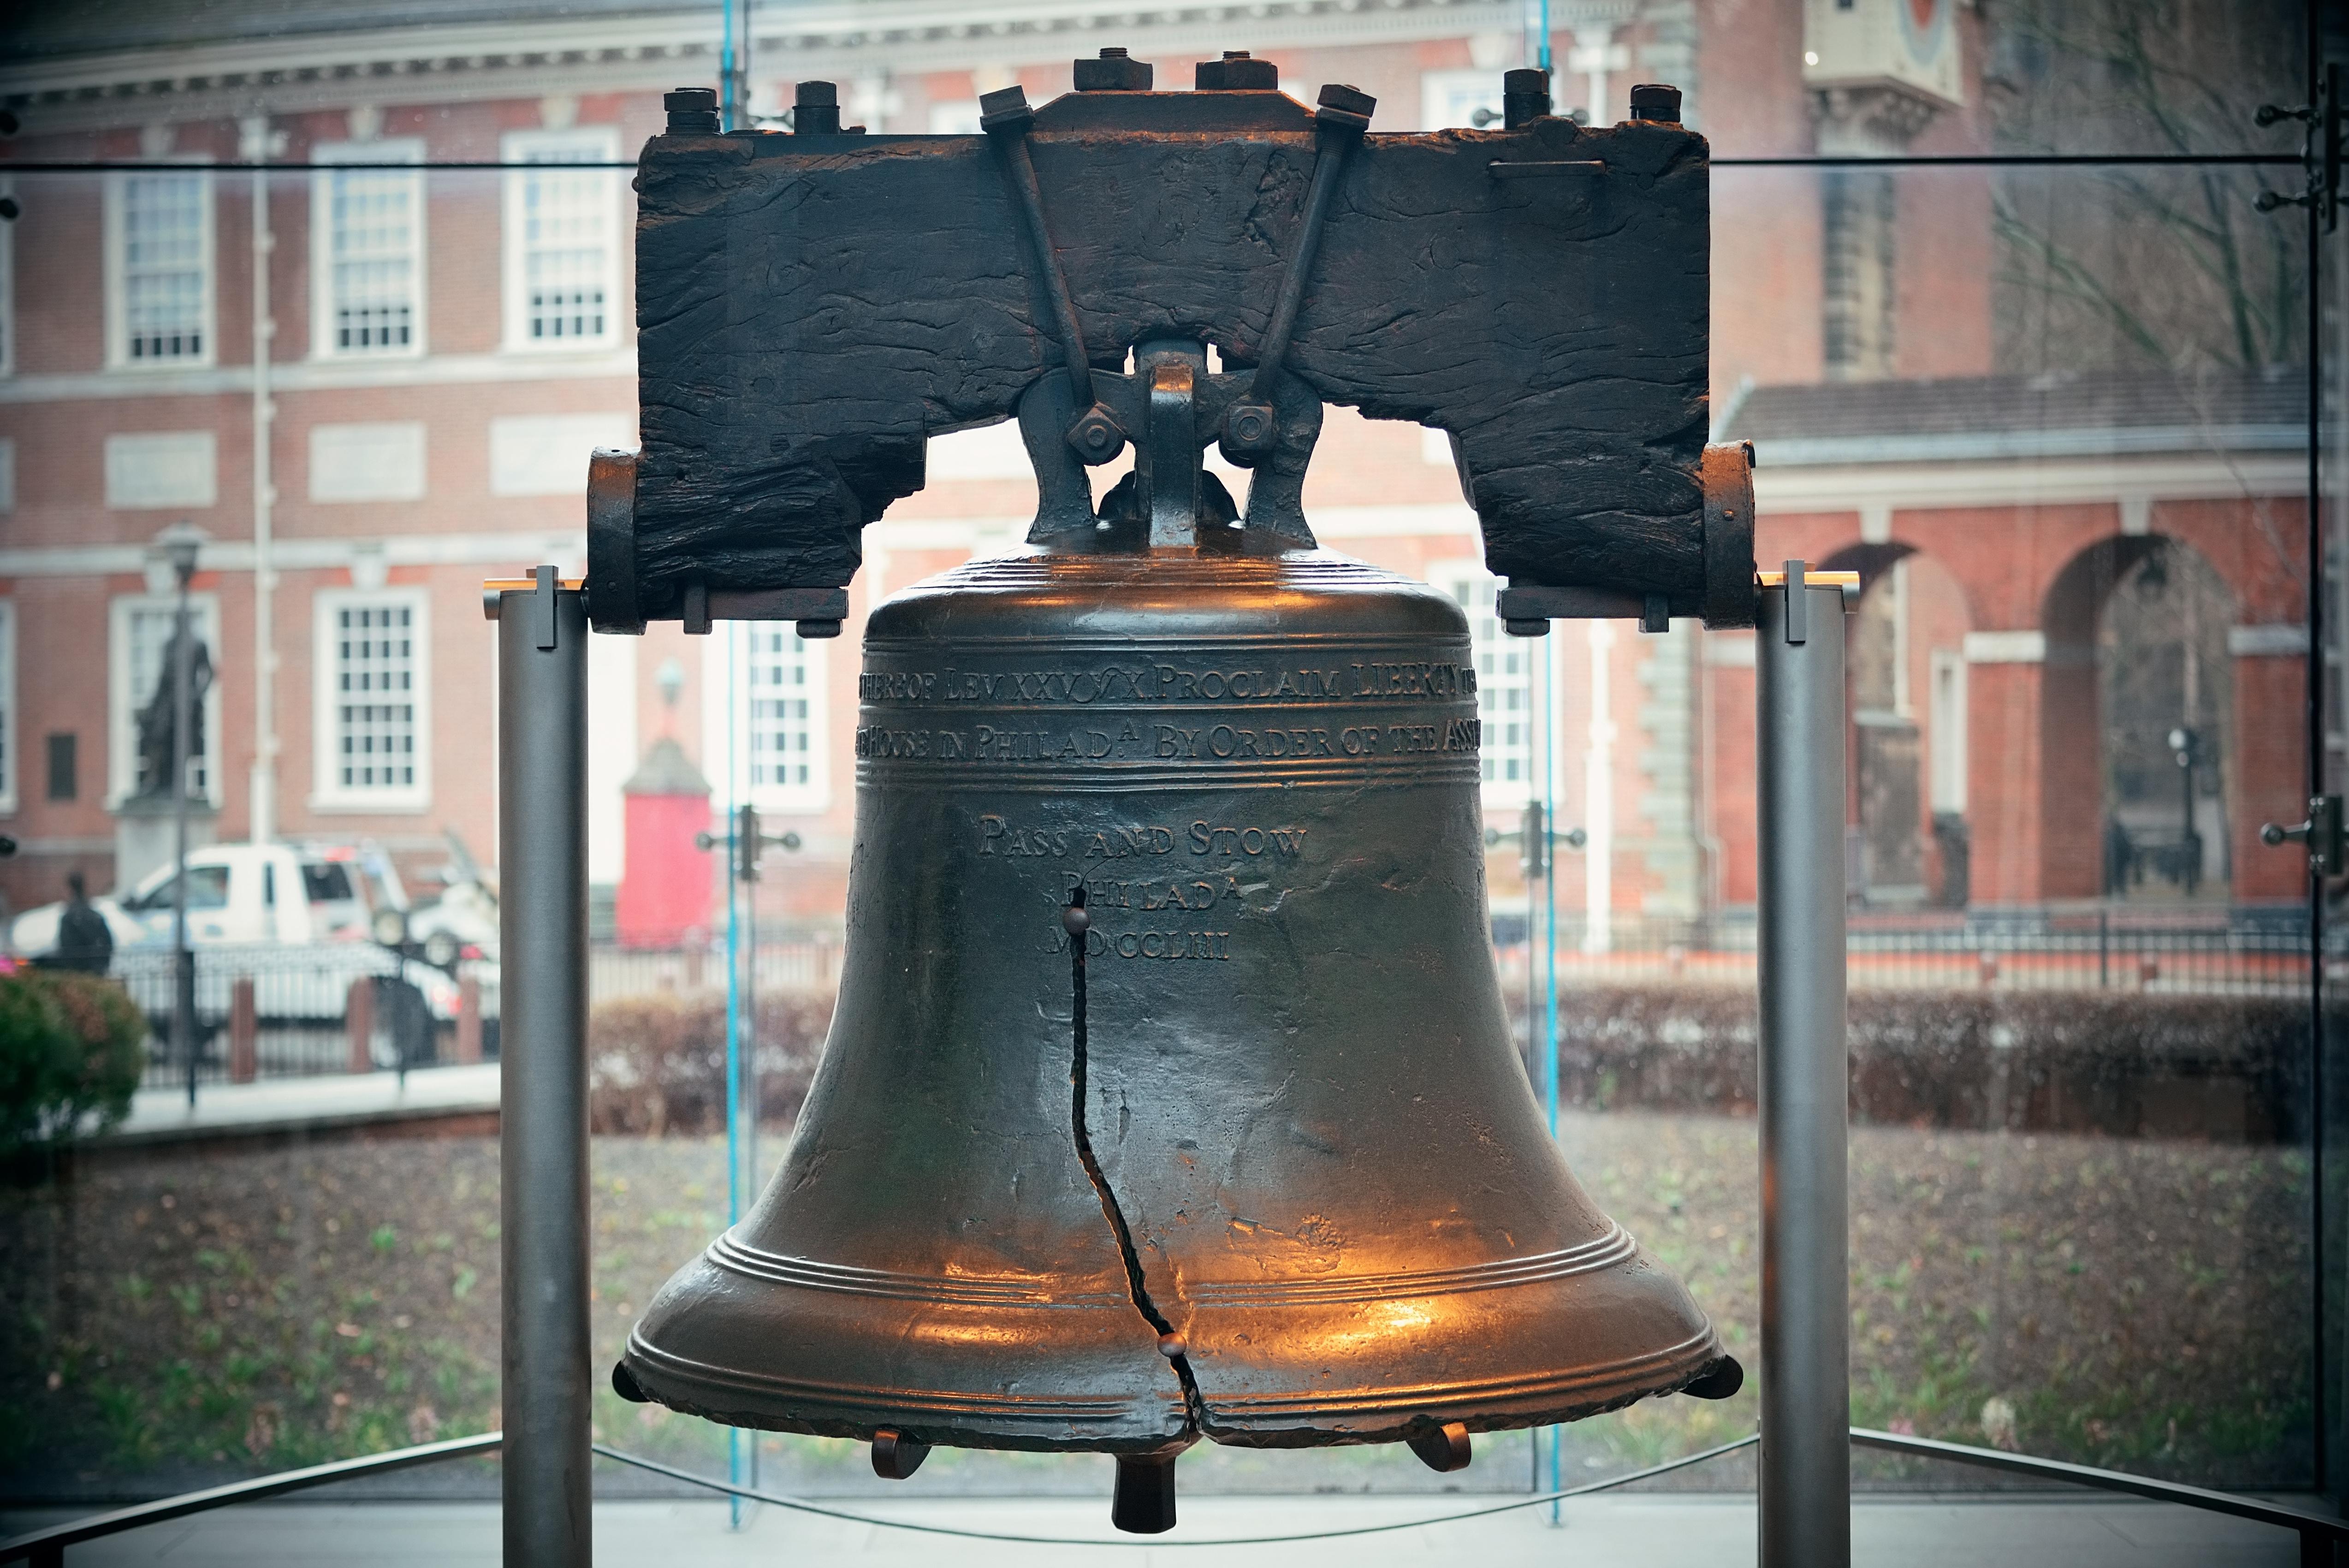 https://assets.sourcemedia.com/0b/d6/43b7898040c195fd3dc6569fd5dc/liberty-bell.jpg